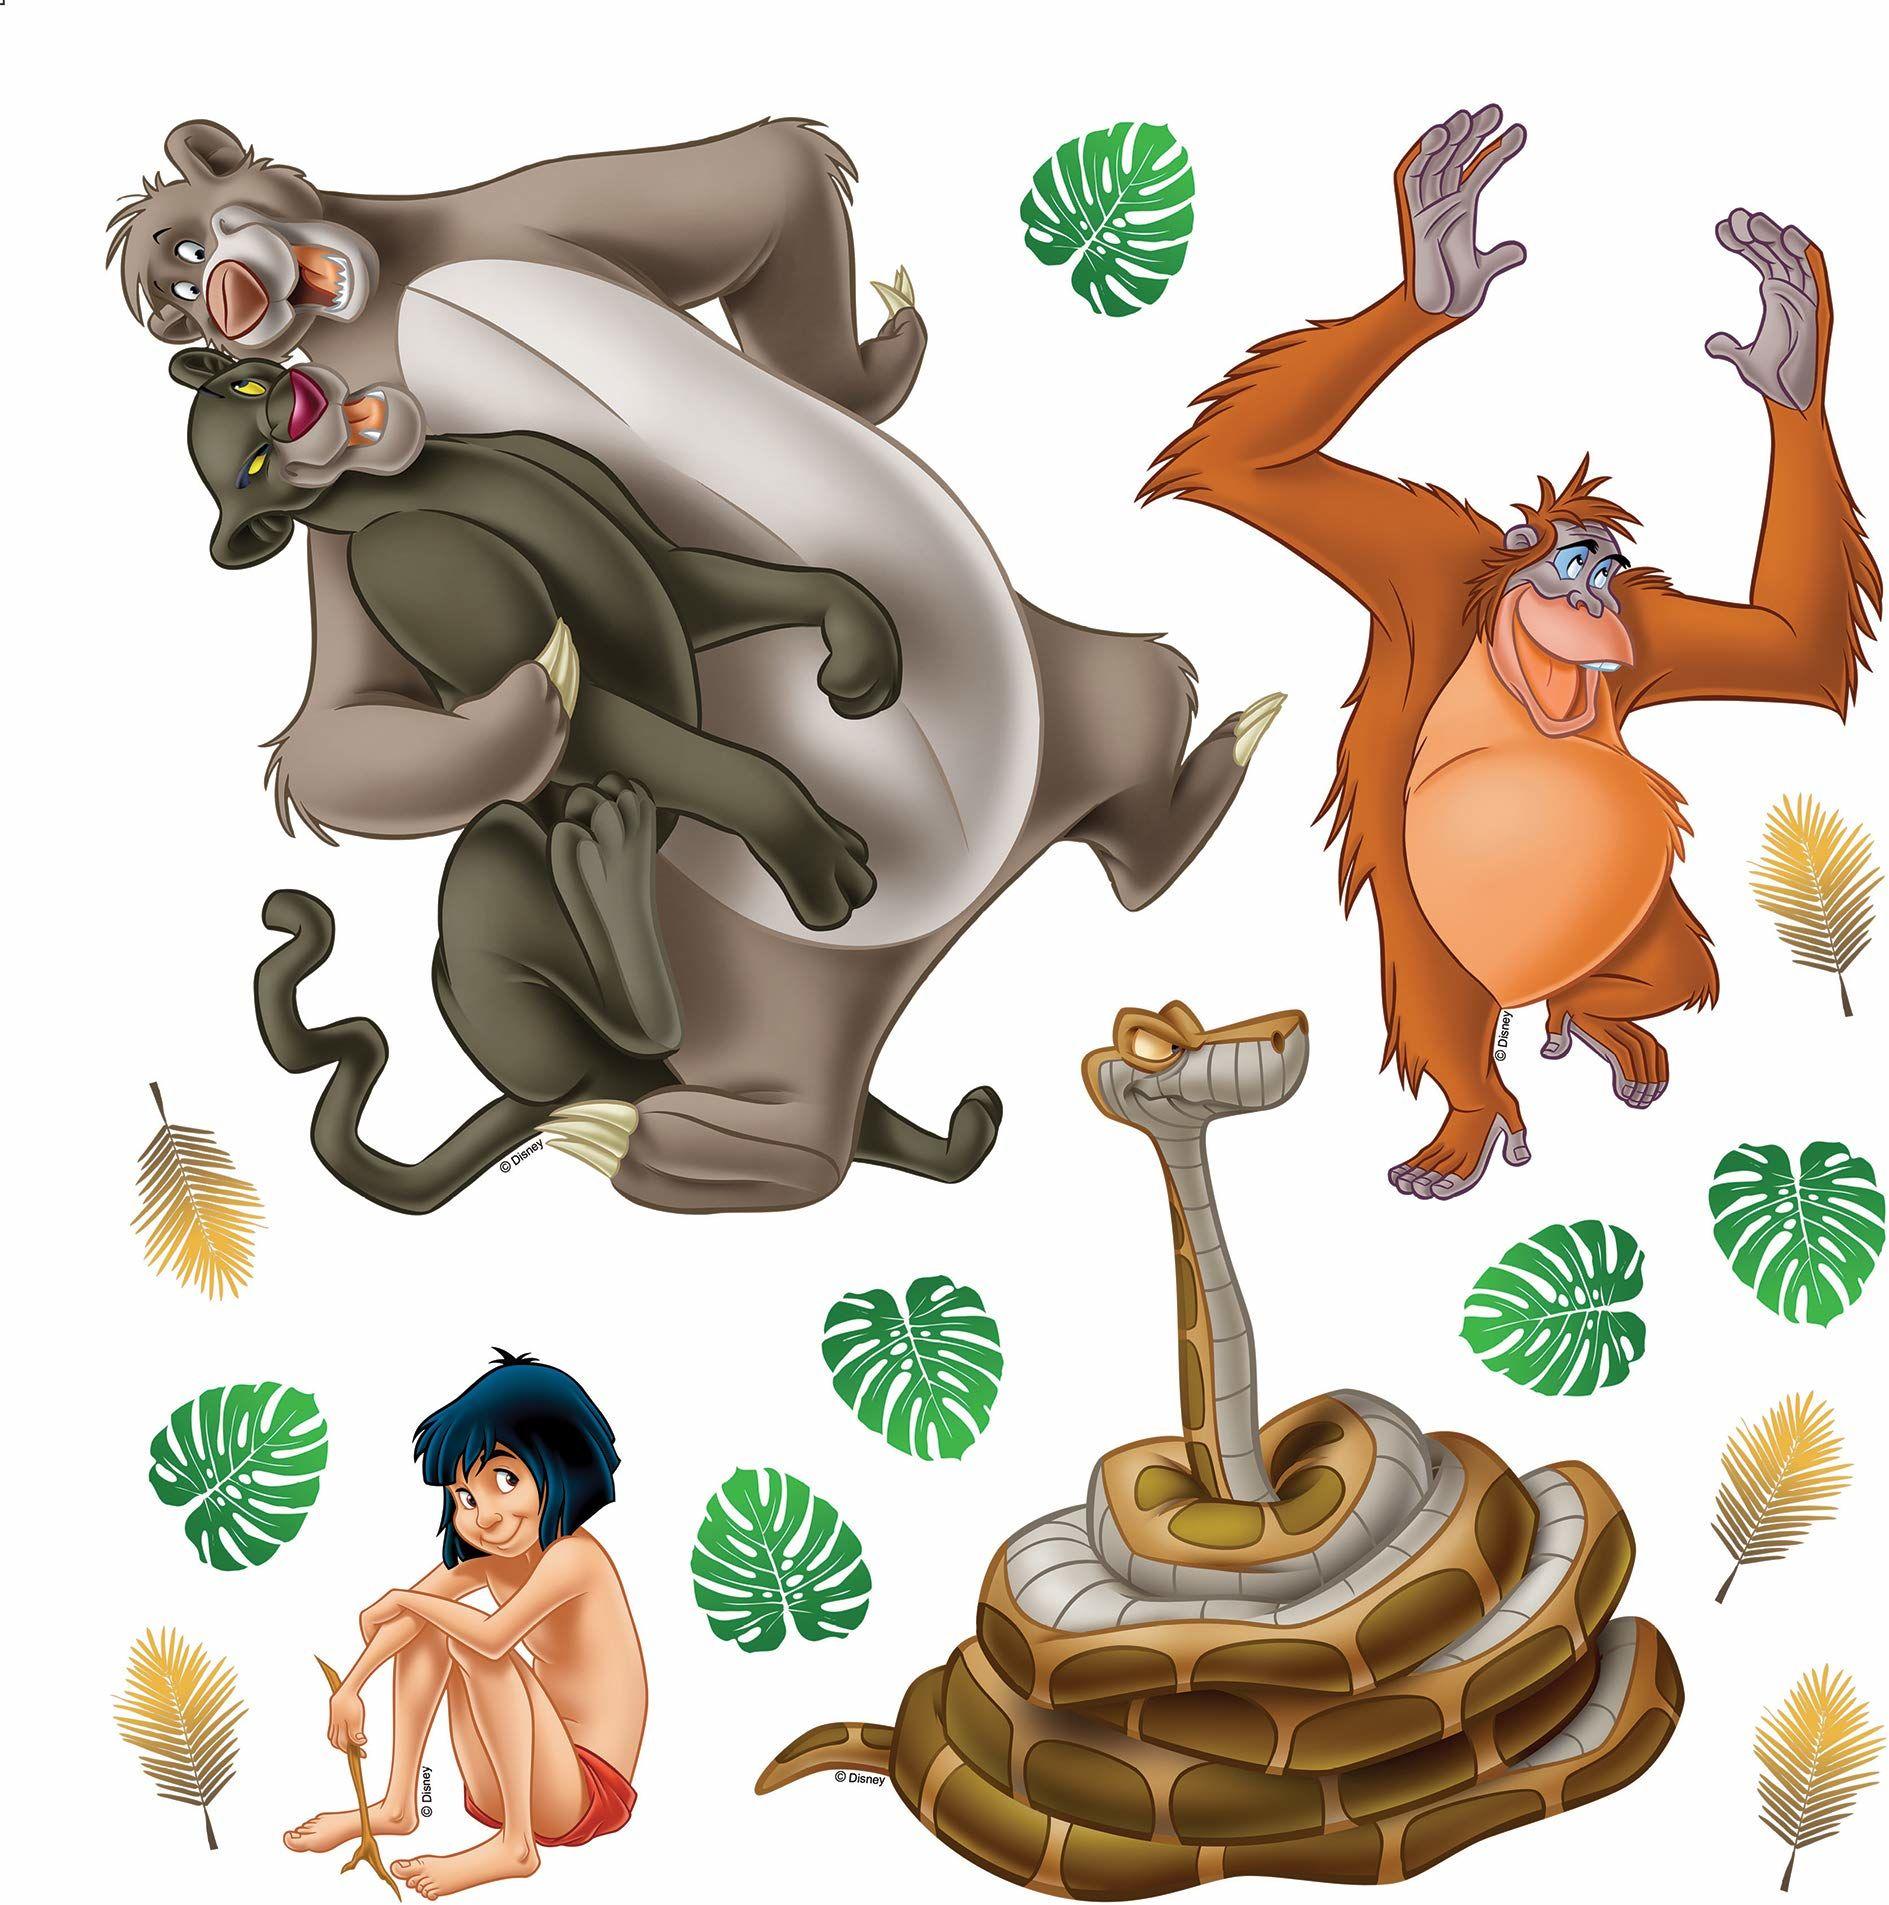 AG Design Disney Księga z dżungli, pokój dziecięcy, naklejka ścienna, folia PVC (ftalate-Free), wielokolorowa, 30 x 30 cm